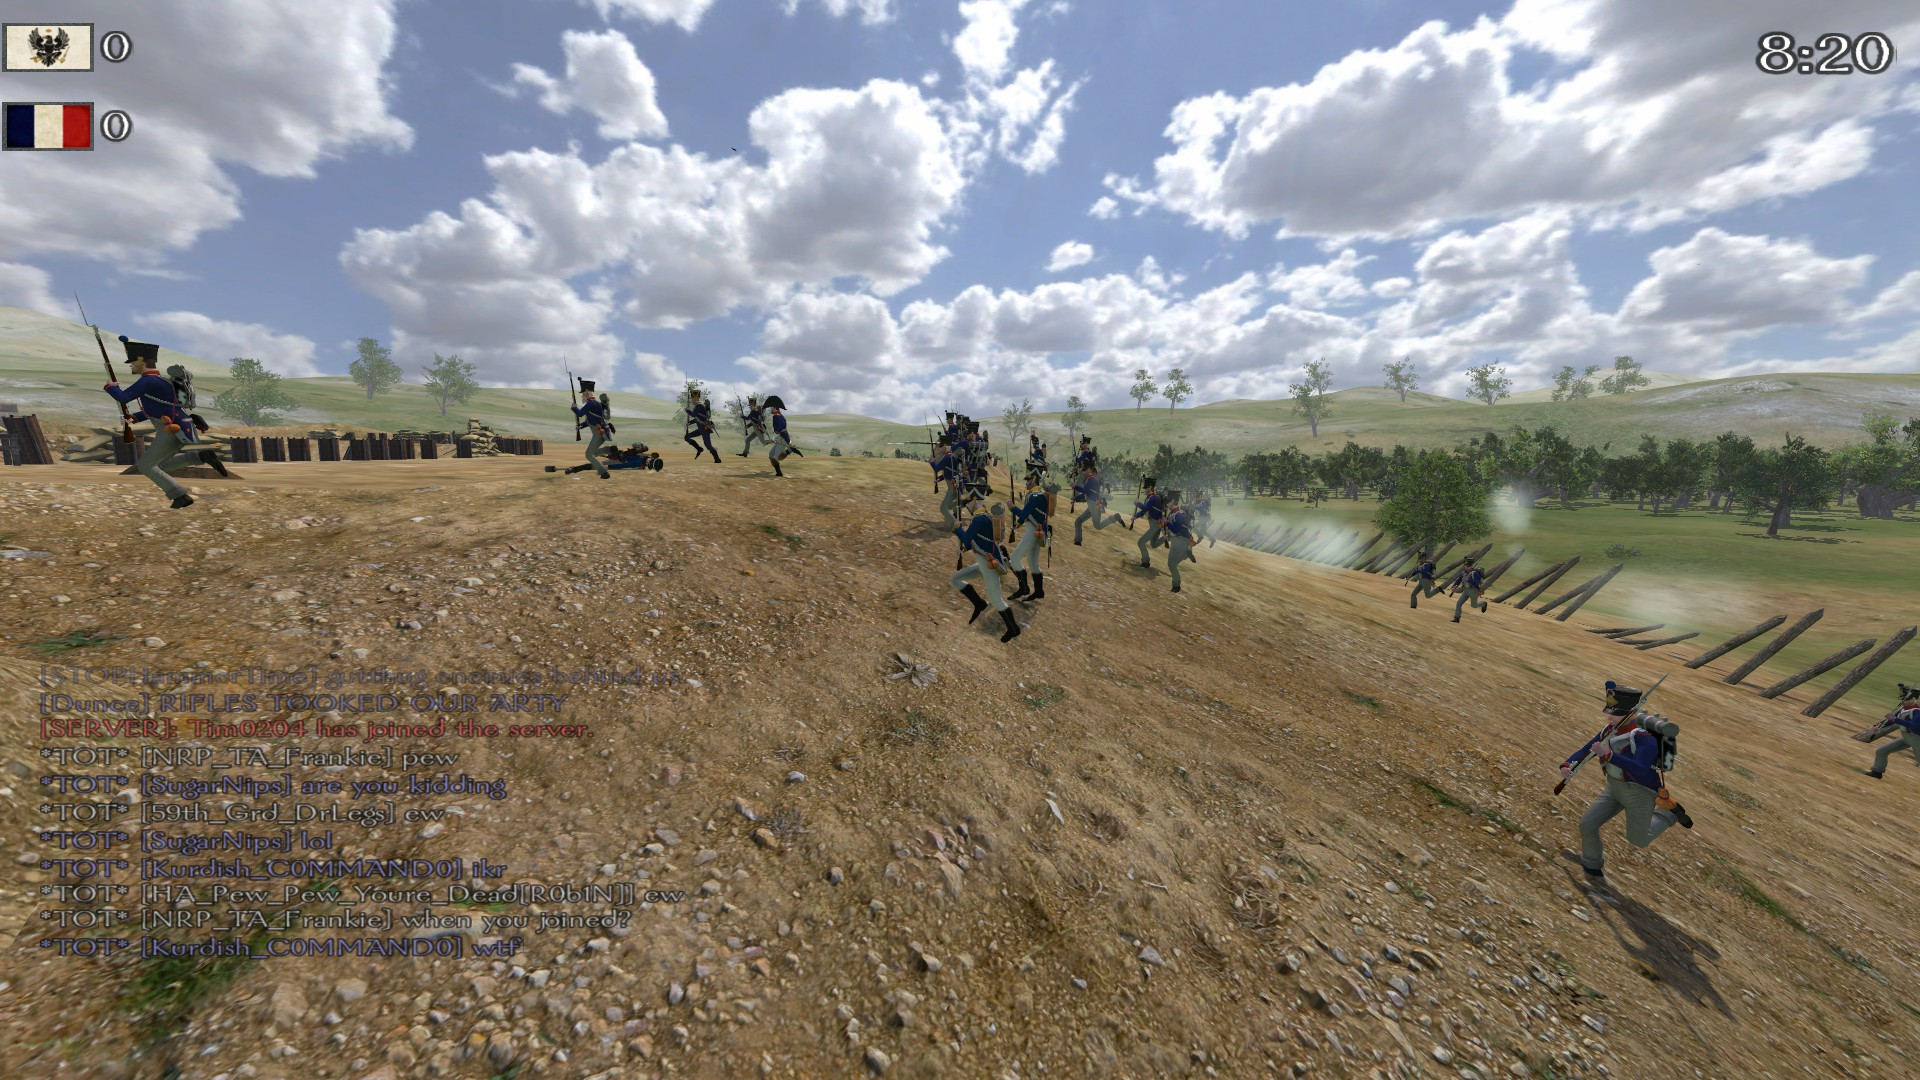 Mount & Blade Warband – Napoleonic Wars - Sturm französischer Soldaten